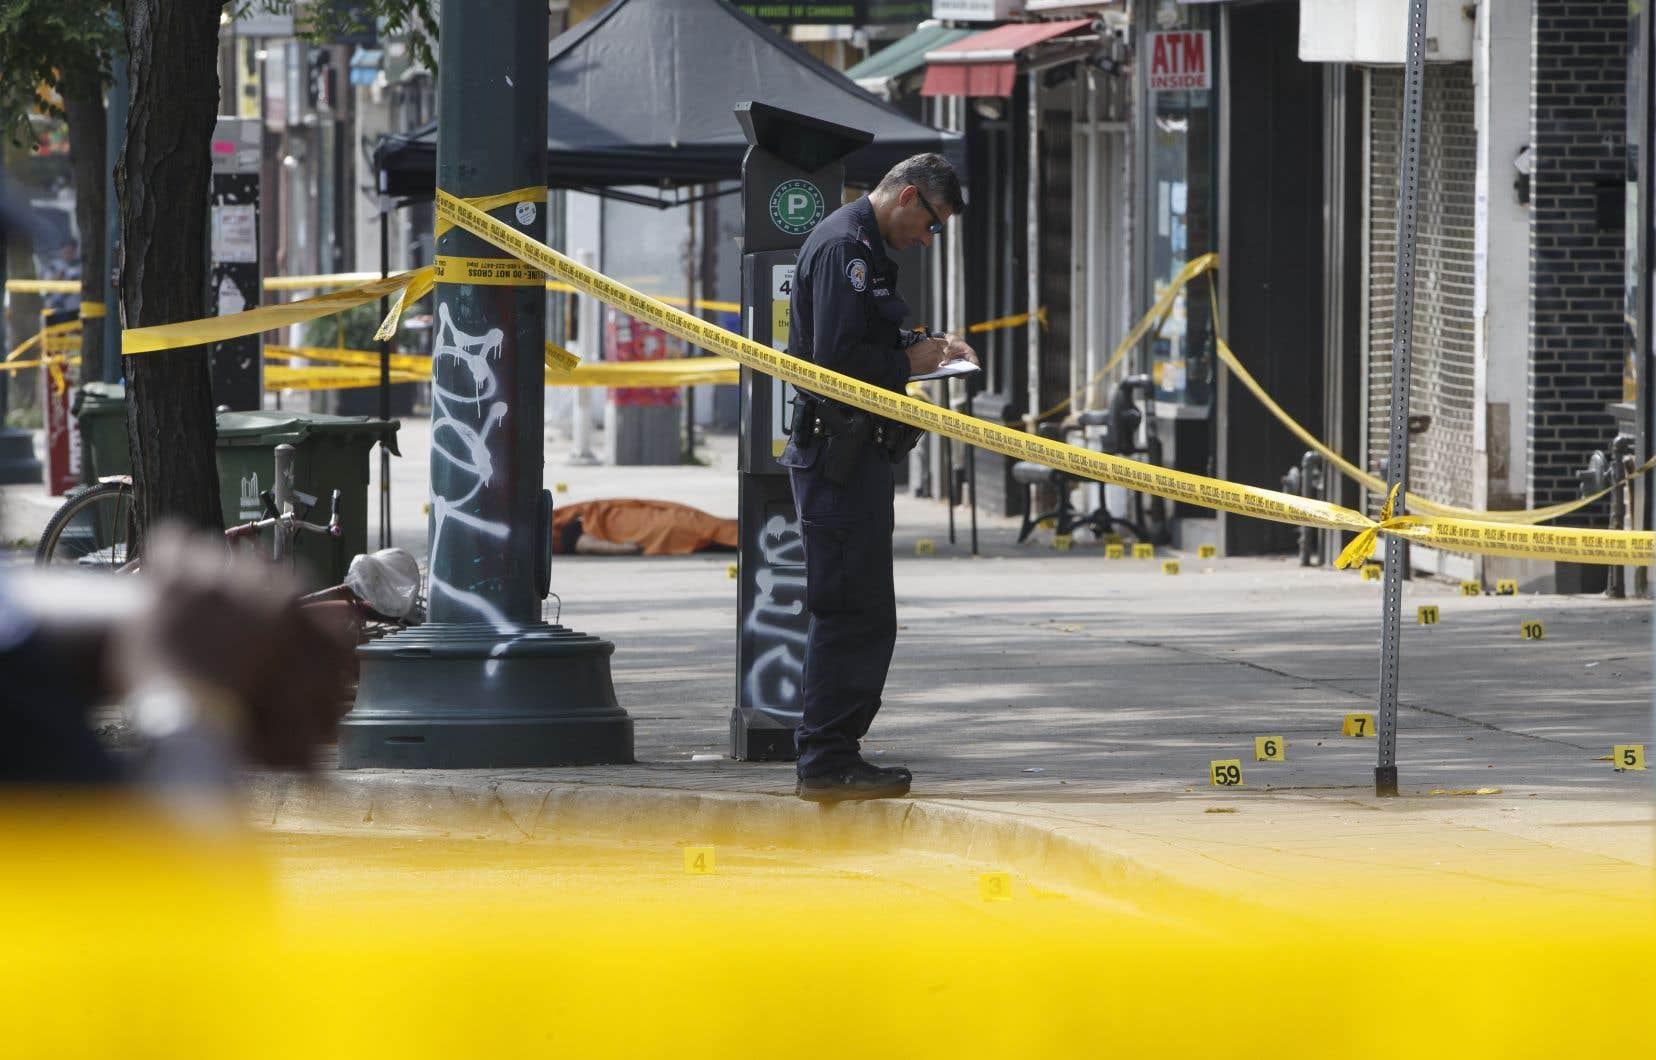 Selon la Division du renseignement du SPVM, il y aurait eu plus de 150 événements (blessure par balle, décharge d'armes, douilles, appels au 911,etc.) impliquant des armes à feu à Montréal de juin 2020 à juin 2021, dont plus de 60 depuis le 1erjanvier 2021.